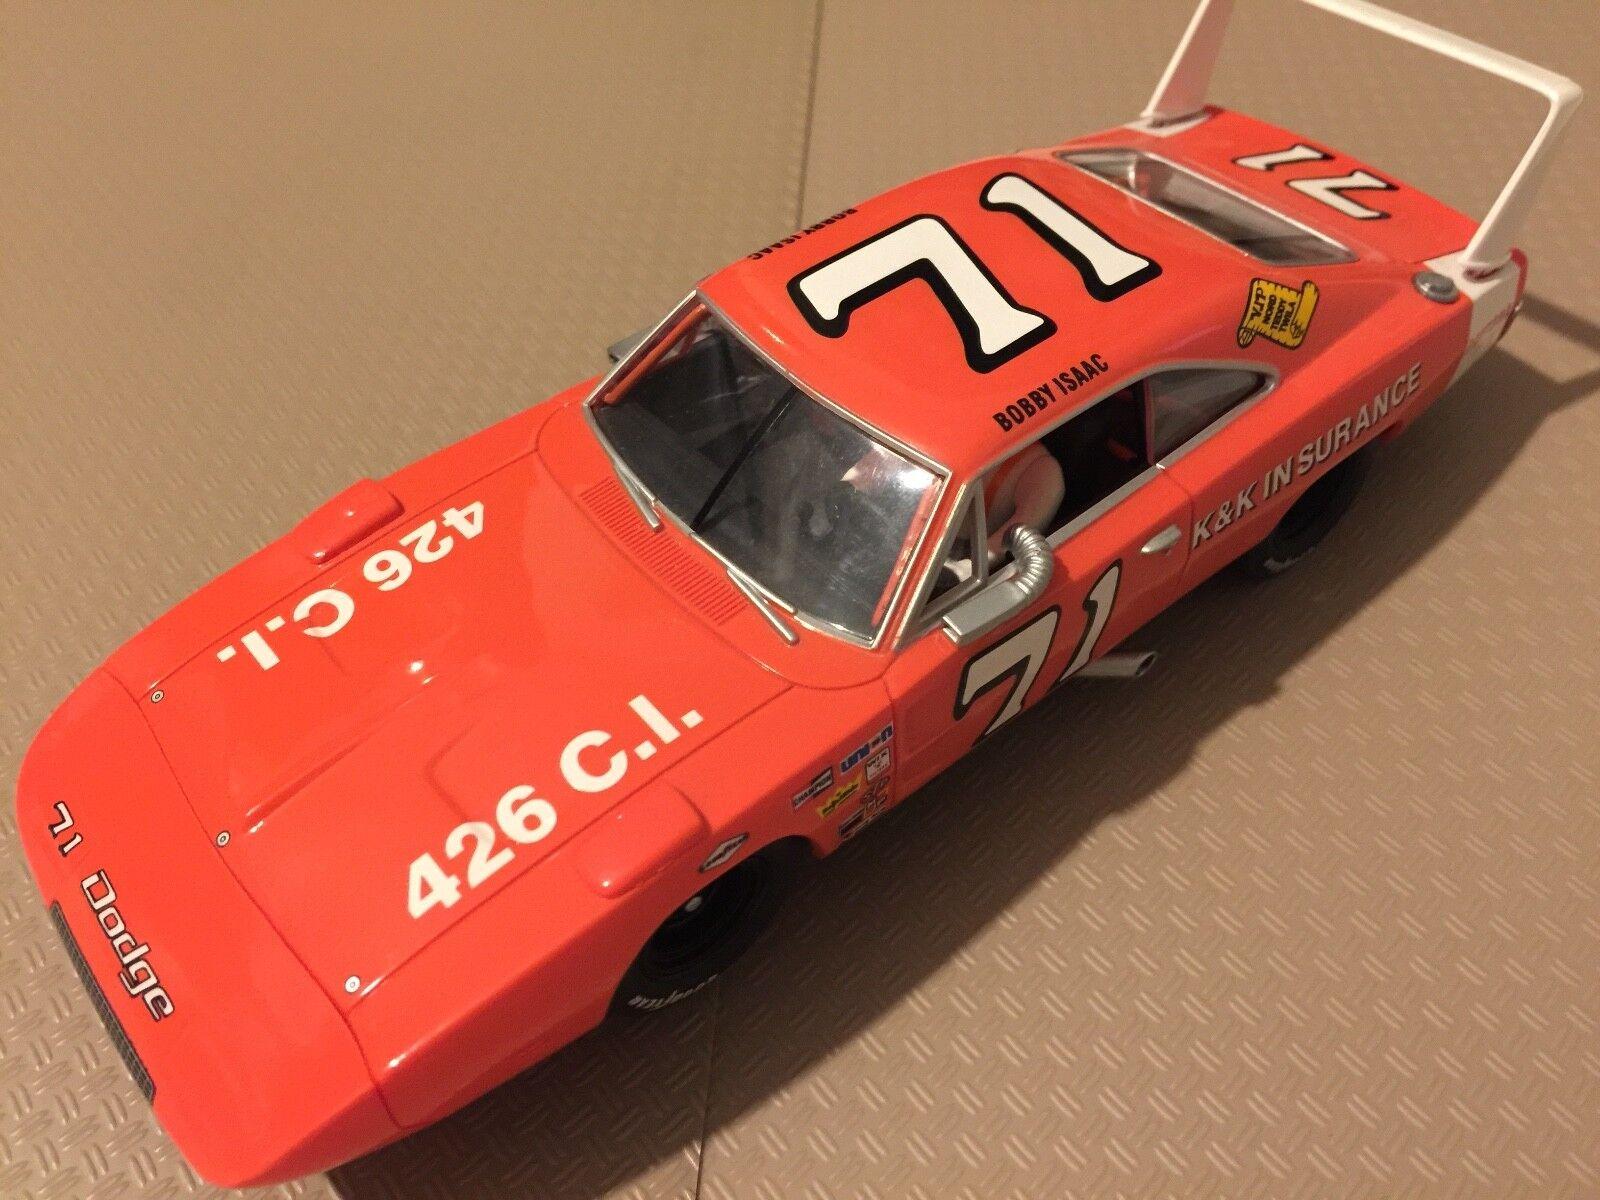 Carrera 25717 Dodge Charger Daytona unboxed